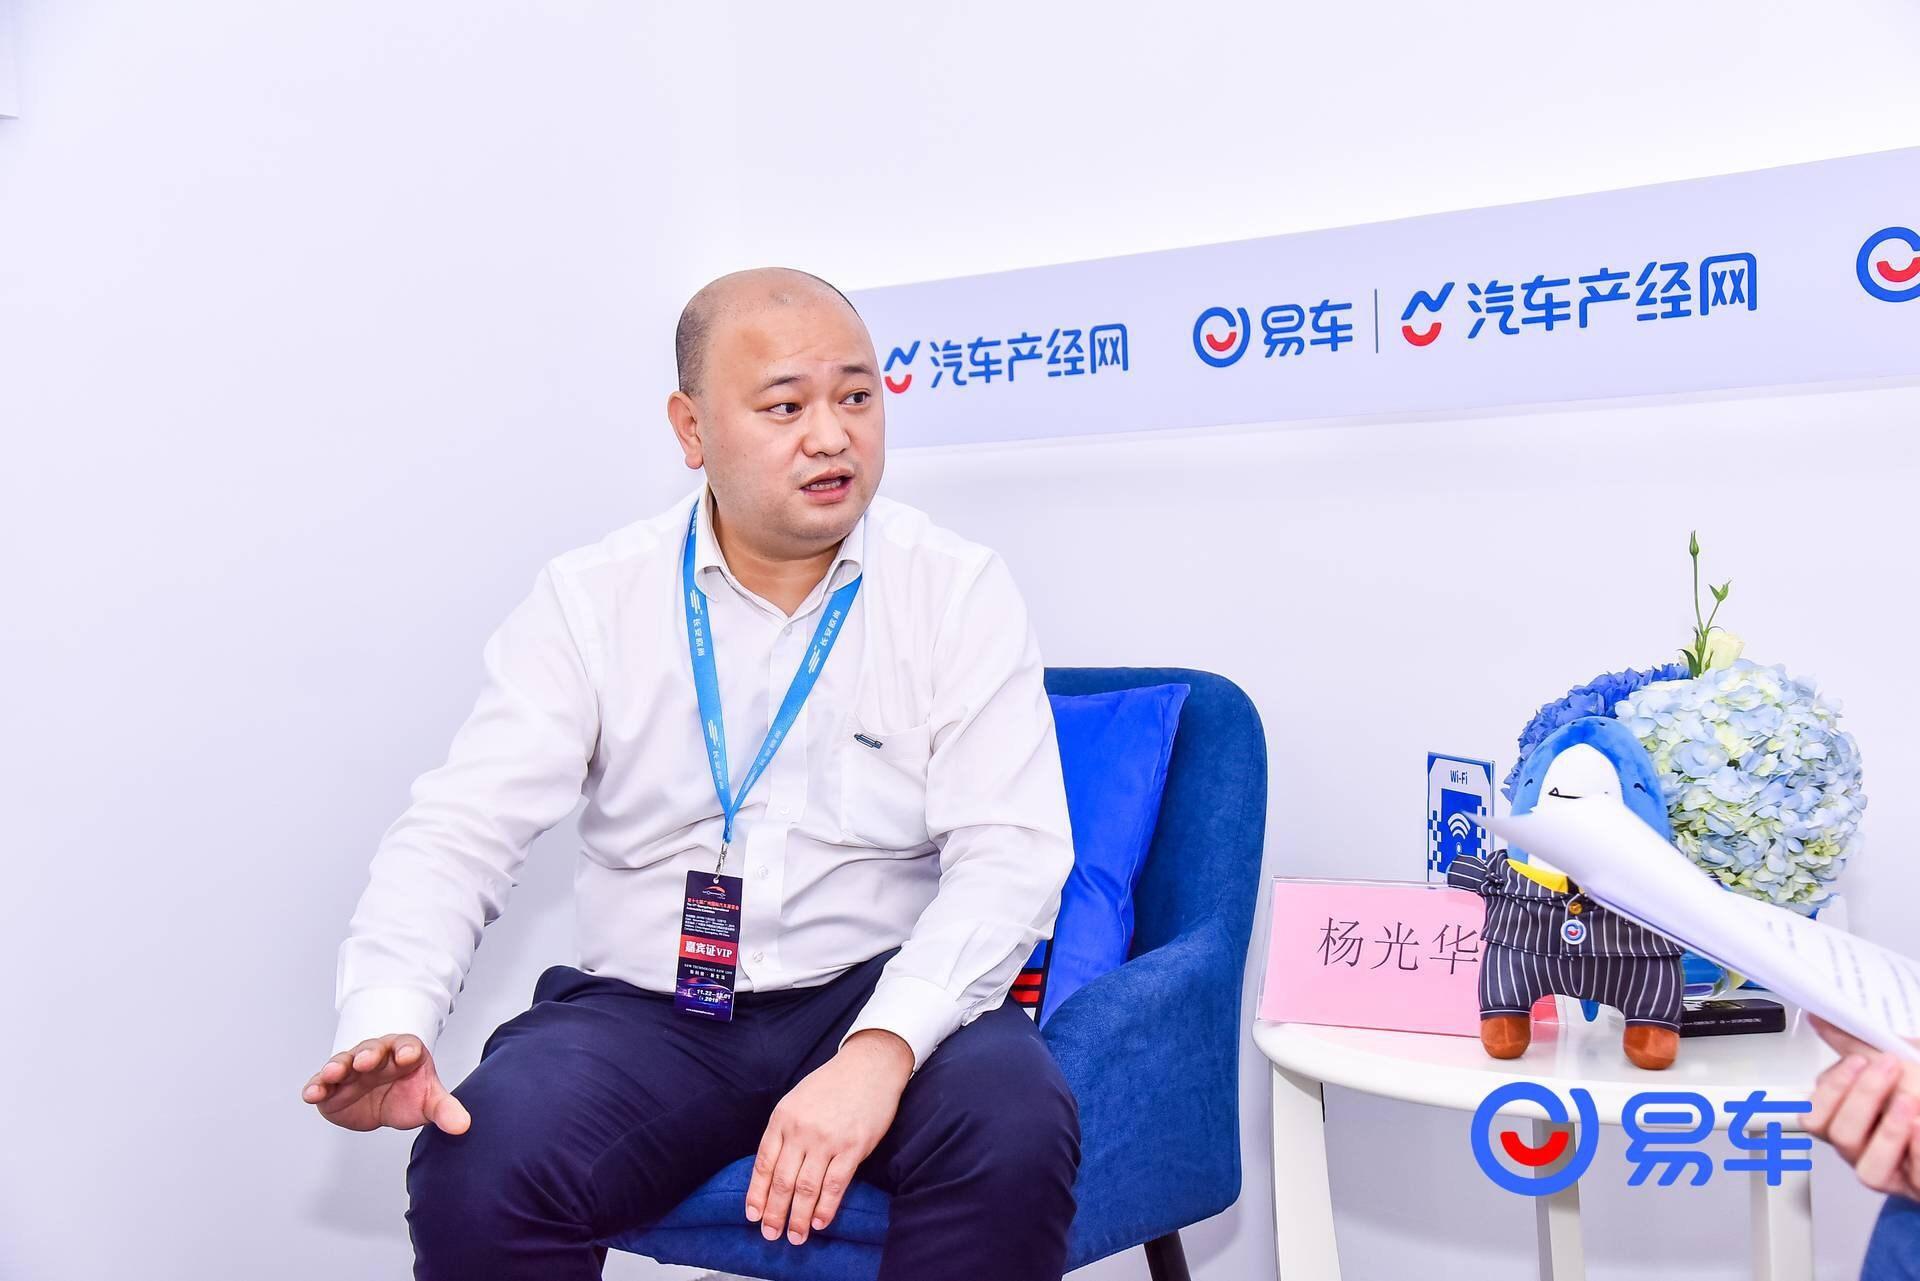 欧尚杨光华:汽车逐渐变成纯工具 品牌效应将会削弱丨汽车产经